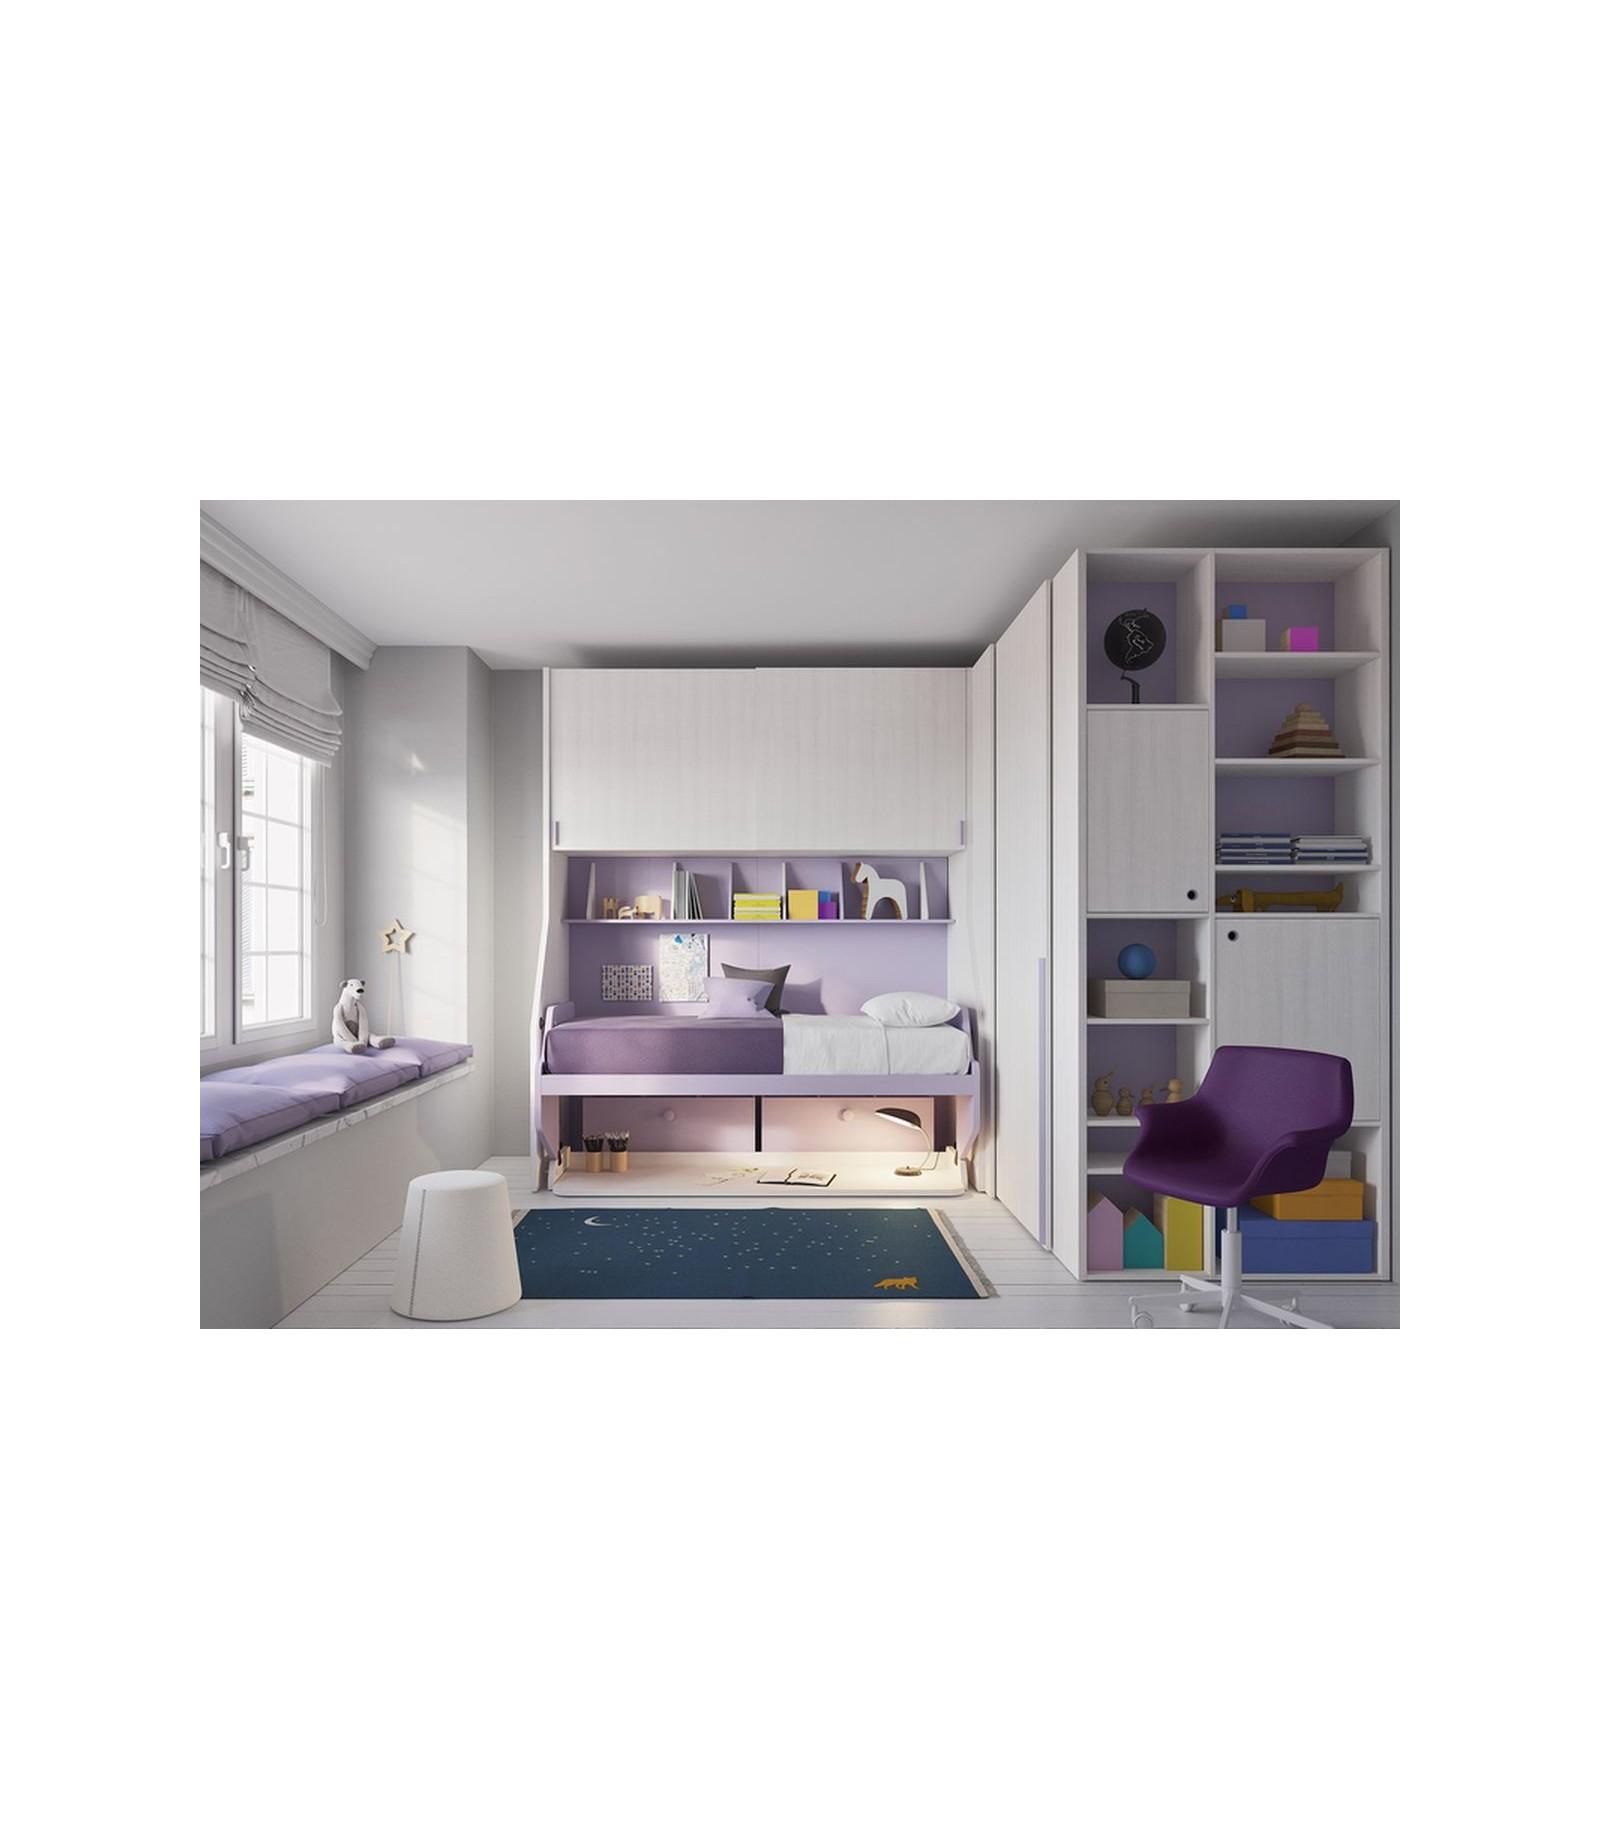 Progettare cameretta progetto casa a due piani with for Come progettare un layout di una stanza online gratuitamente